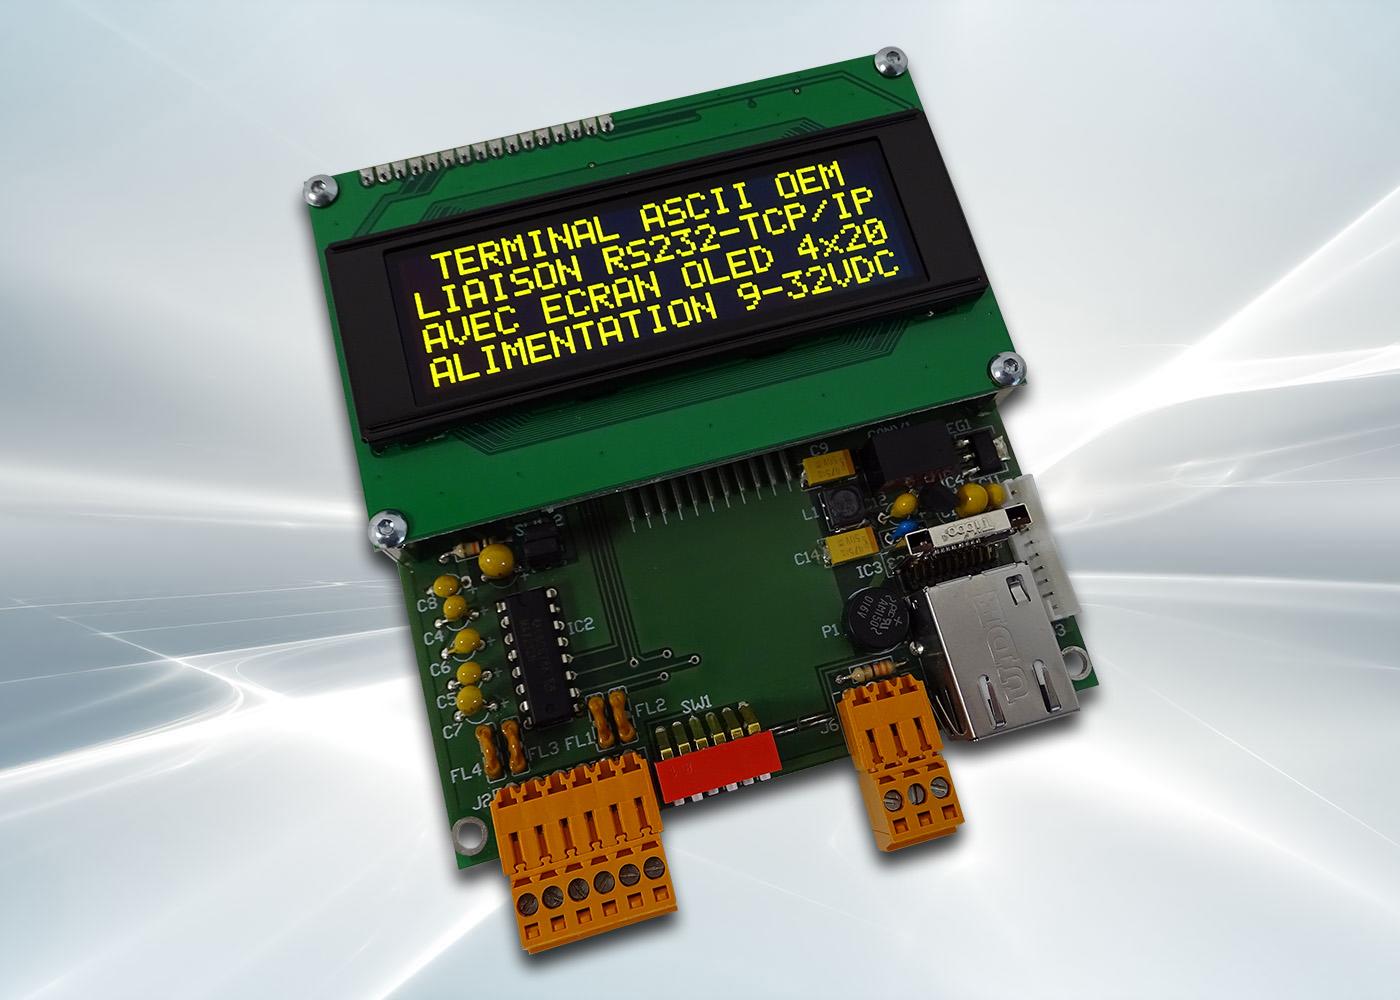 Terminal ASCII OEM RS232 / Ethernet avec afficheur OLED et gestion de 8 touches et 4 LEDs – Afficheur OLED jaune